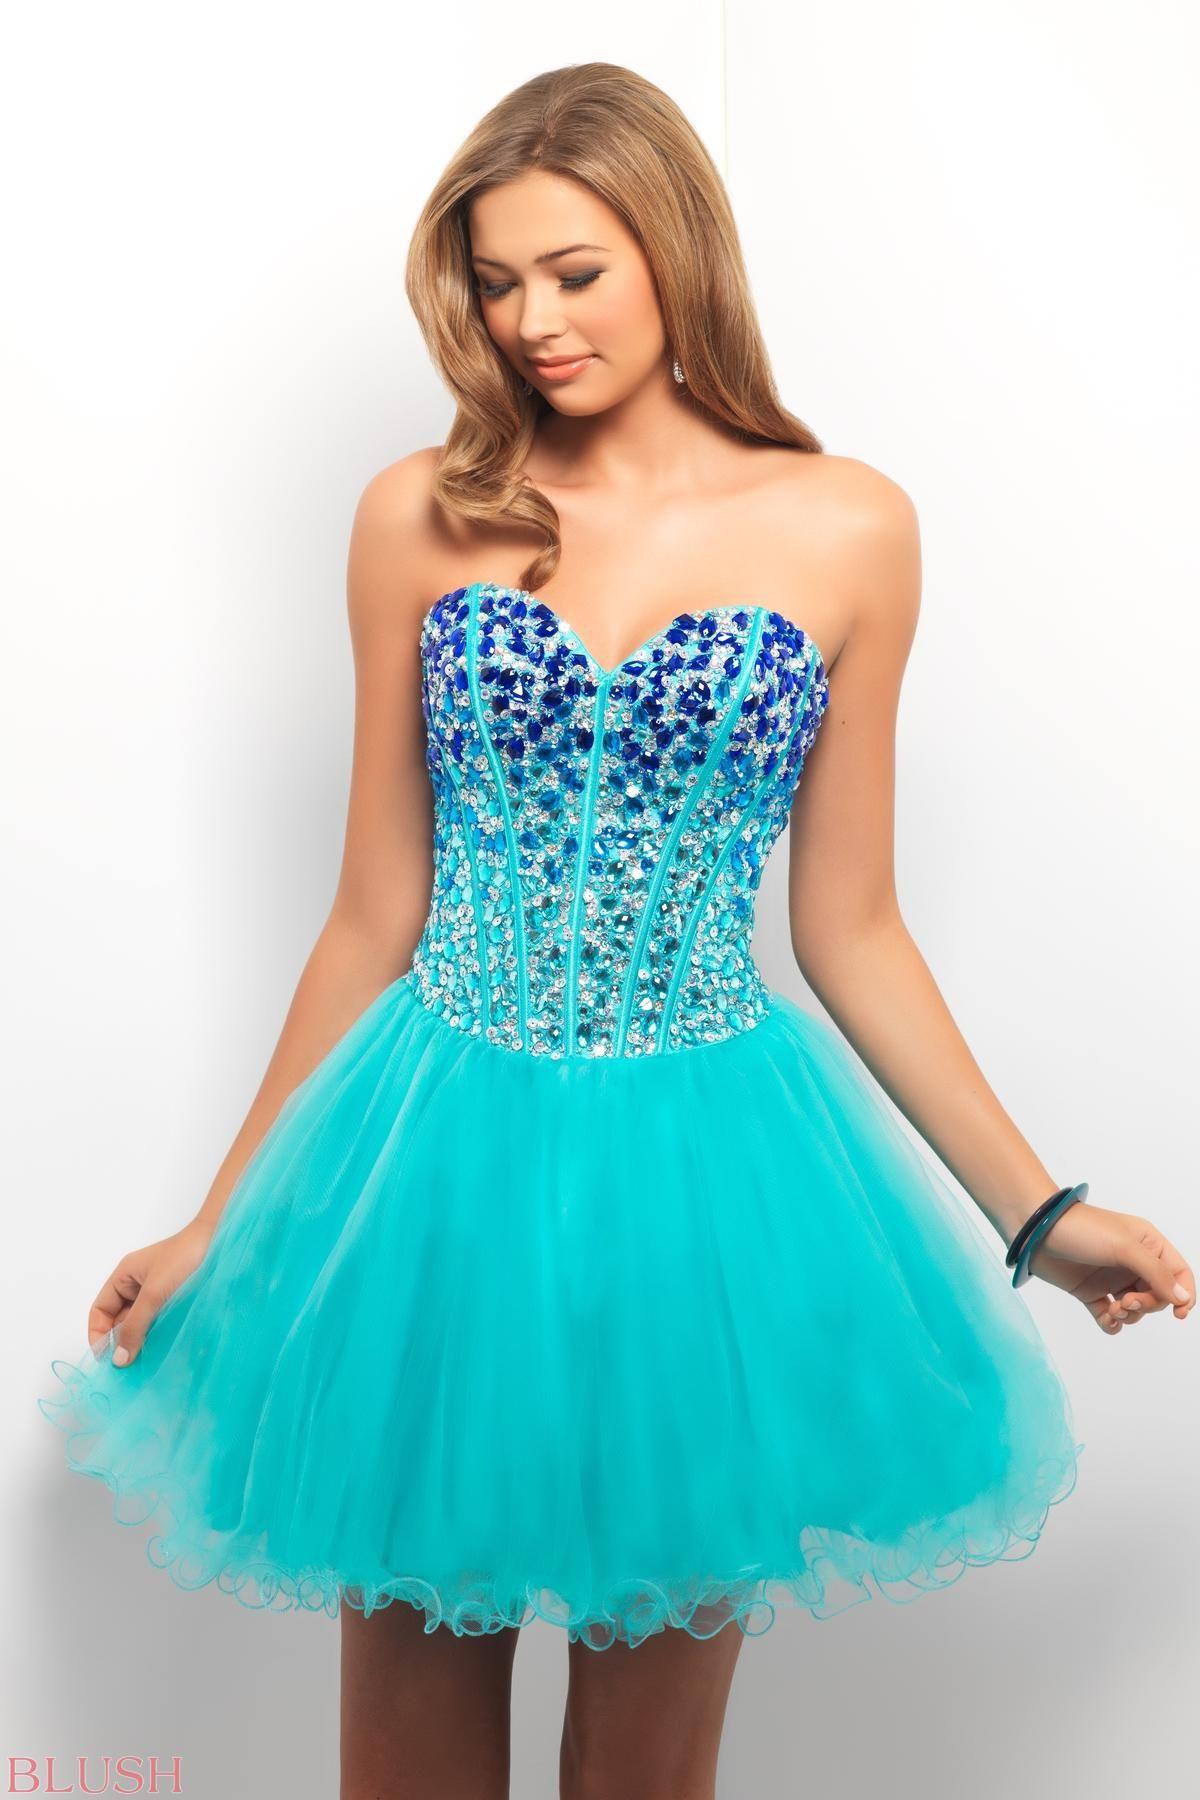 17  images about dresses on Pinterest - One shoulder- Short ...